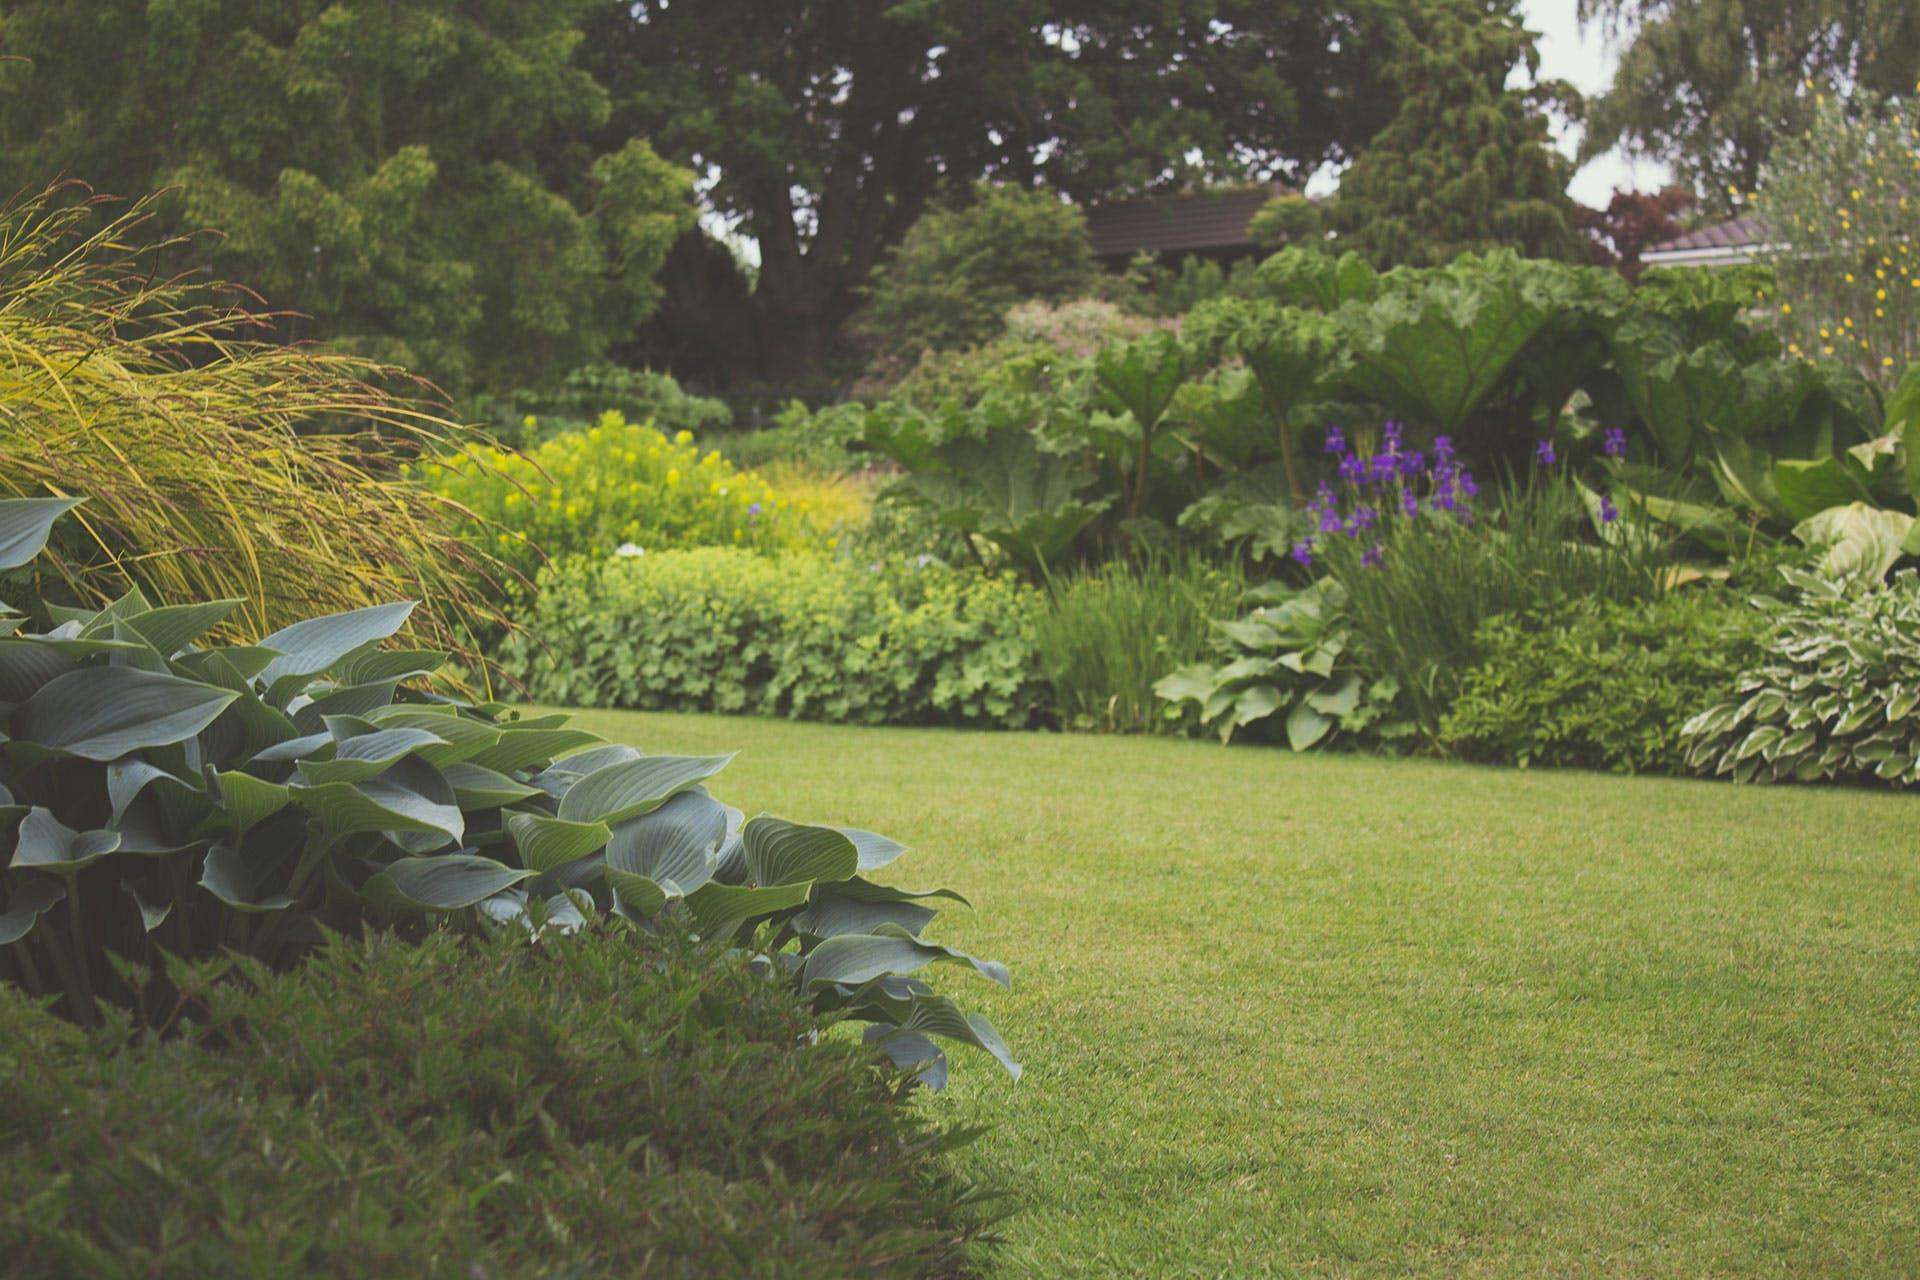 綠色, 花園, 草, 草坪 的 免費圖庫相片